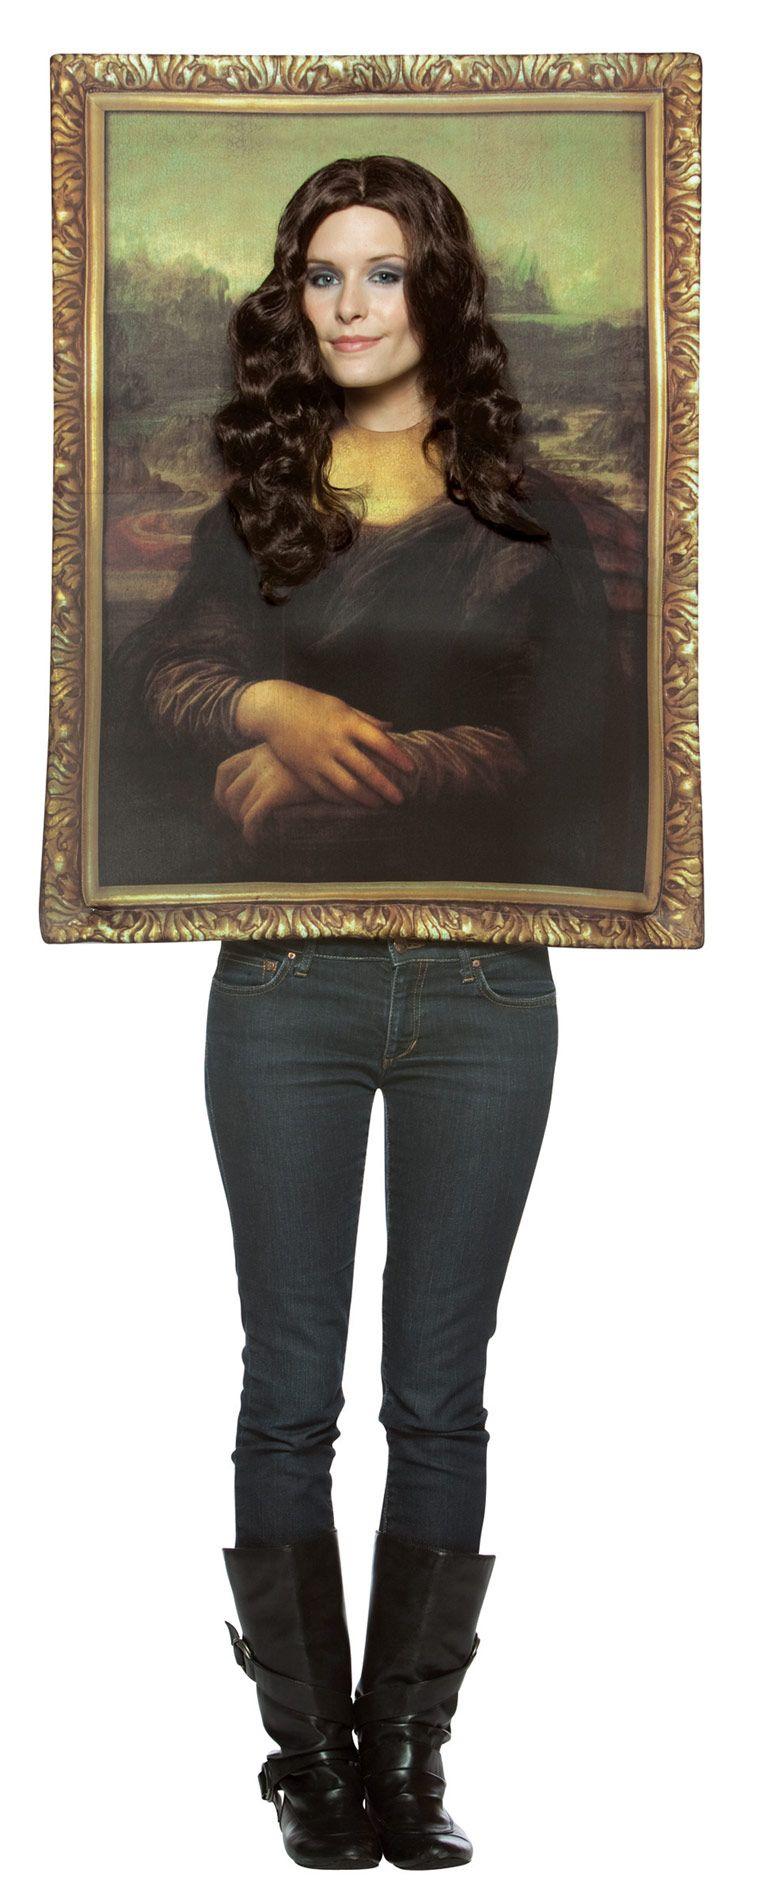 Mona lisa gem lde kost m f r erwachsene dieses mona lisa gem lde kost m f r erwachsene besteht - Dekoration fur halloween ...